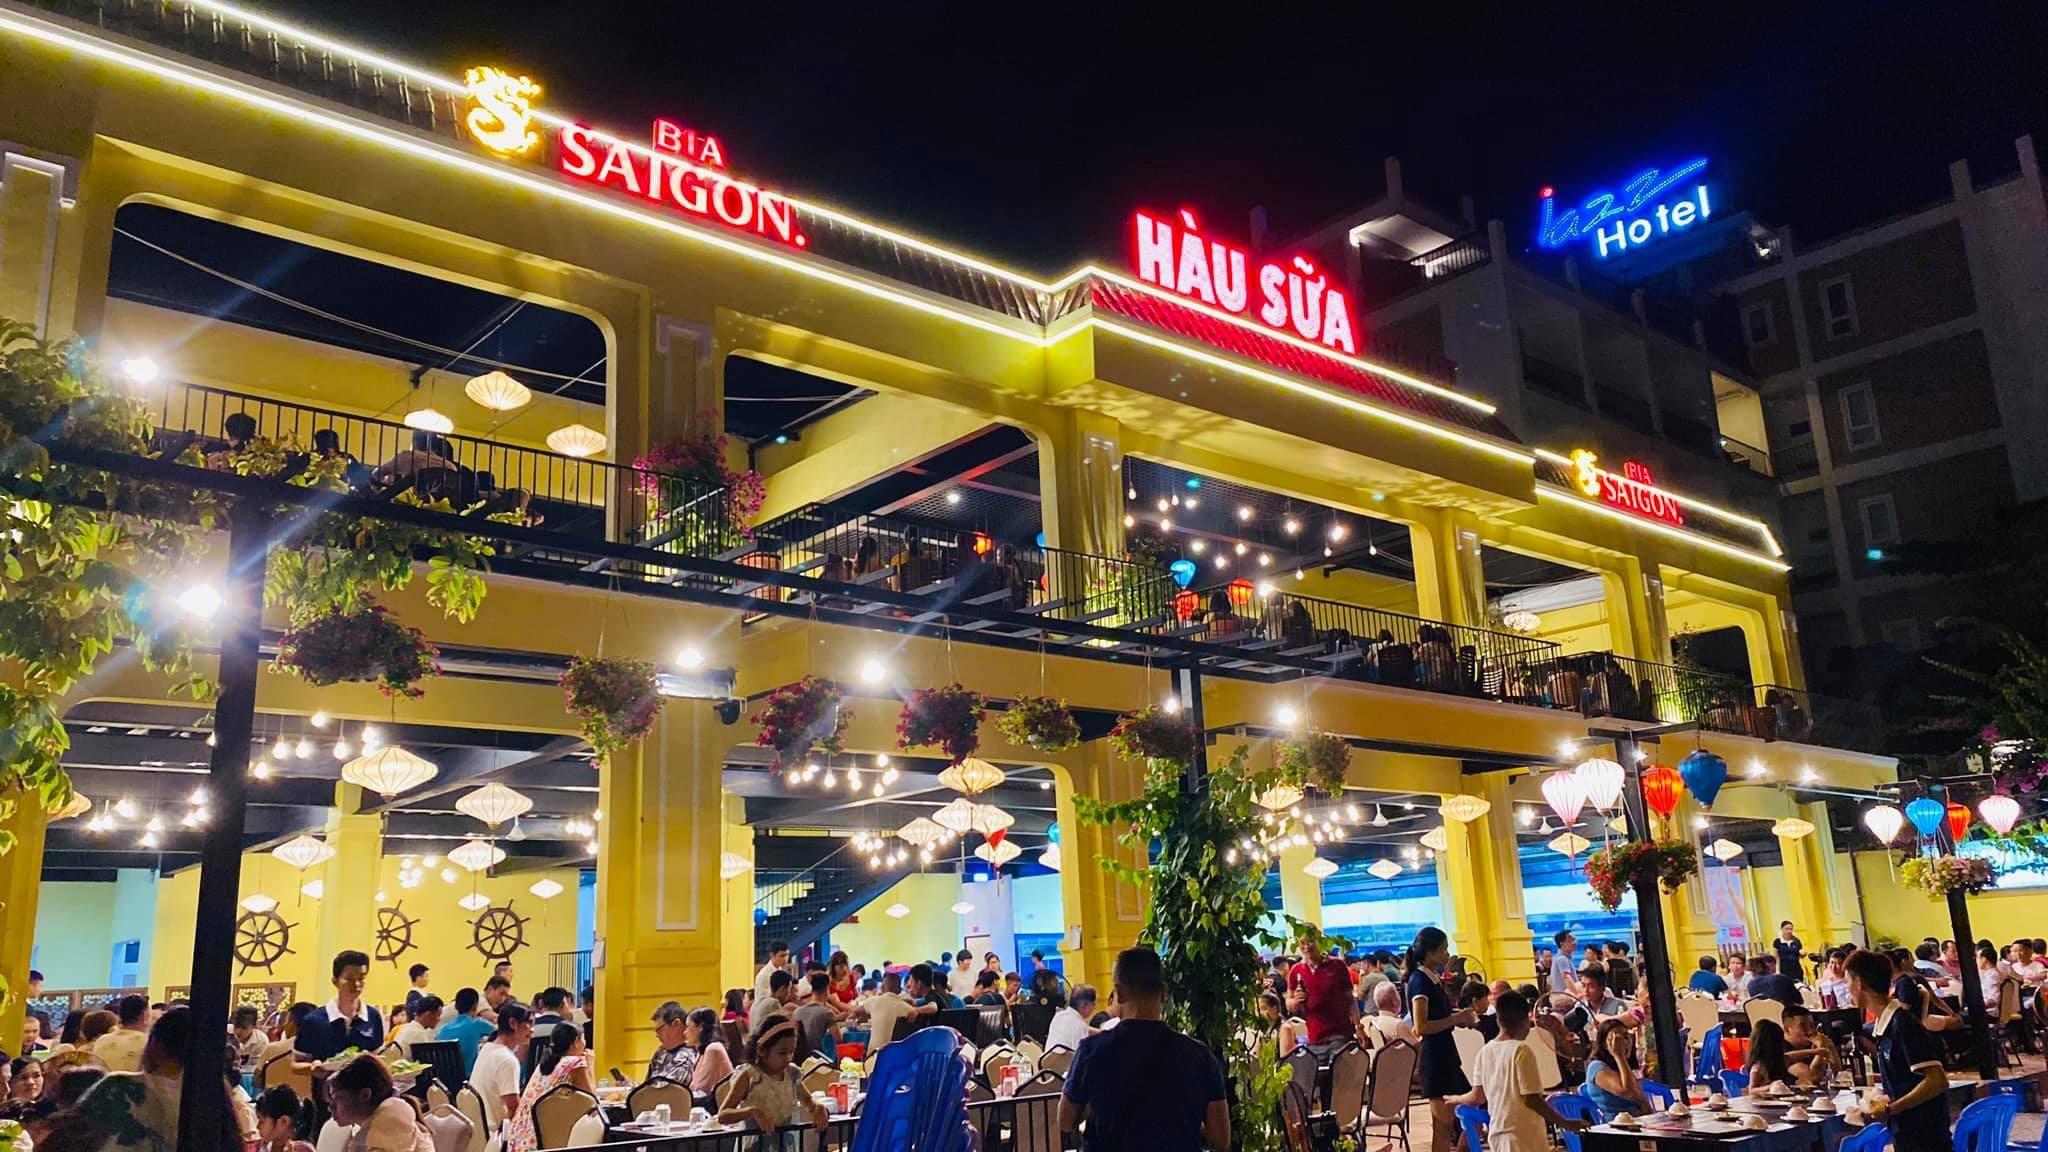 Hàu Sữa Restaurant – Điểm dừng chân thưởng thức hải sản ngon Đà Nẵng